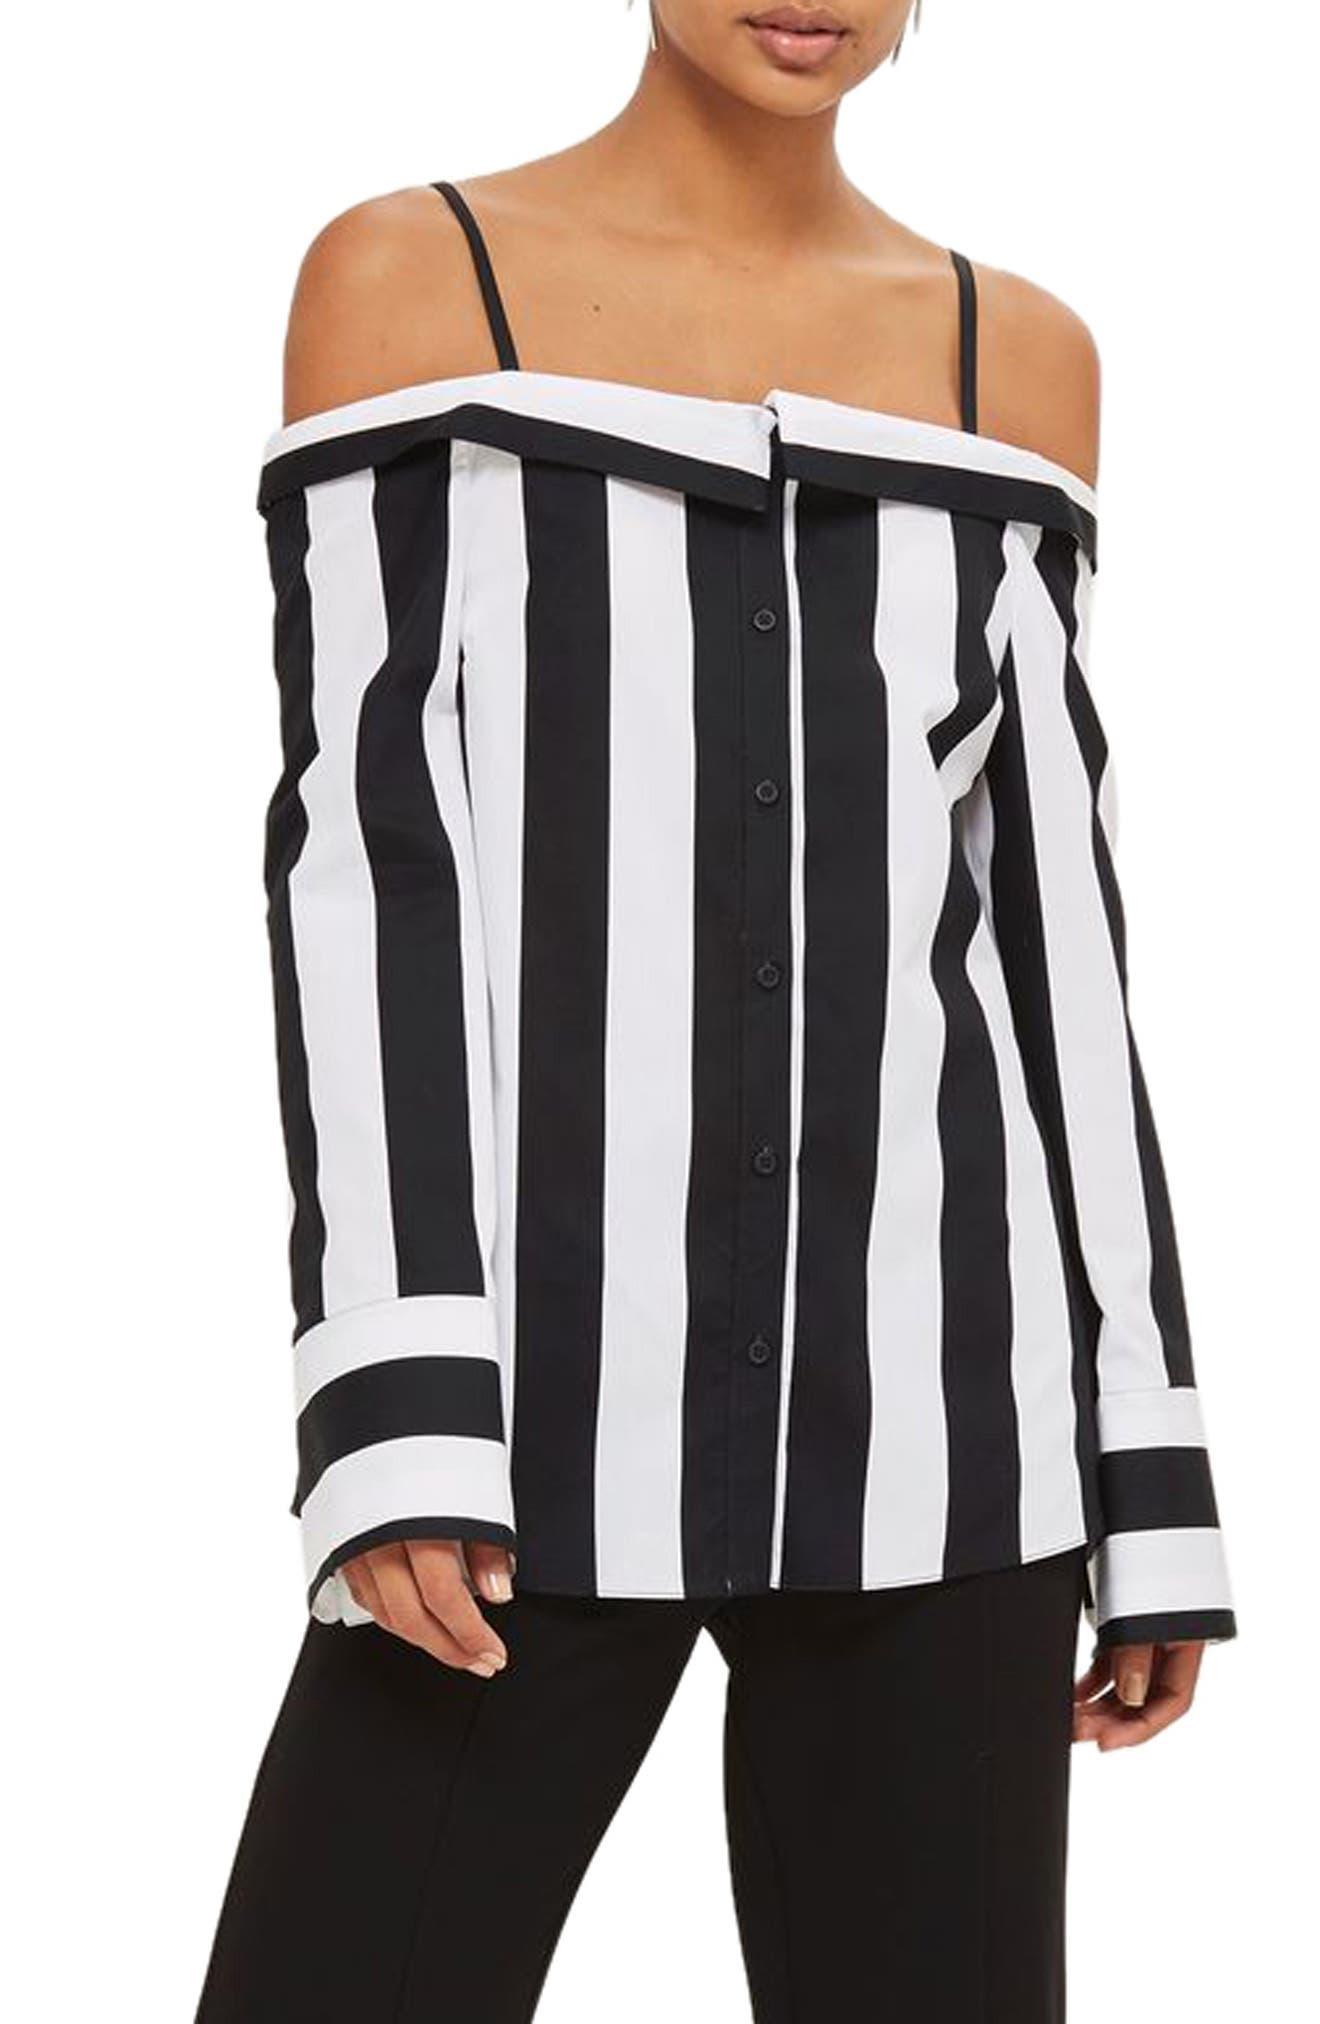 Humbug Stripe Off the Shoulder Shirt,                             Main thumbnail 1, color,                             Black Multi